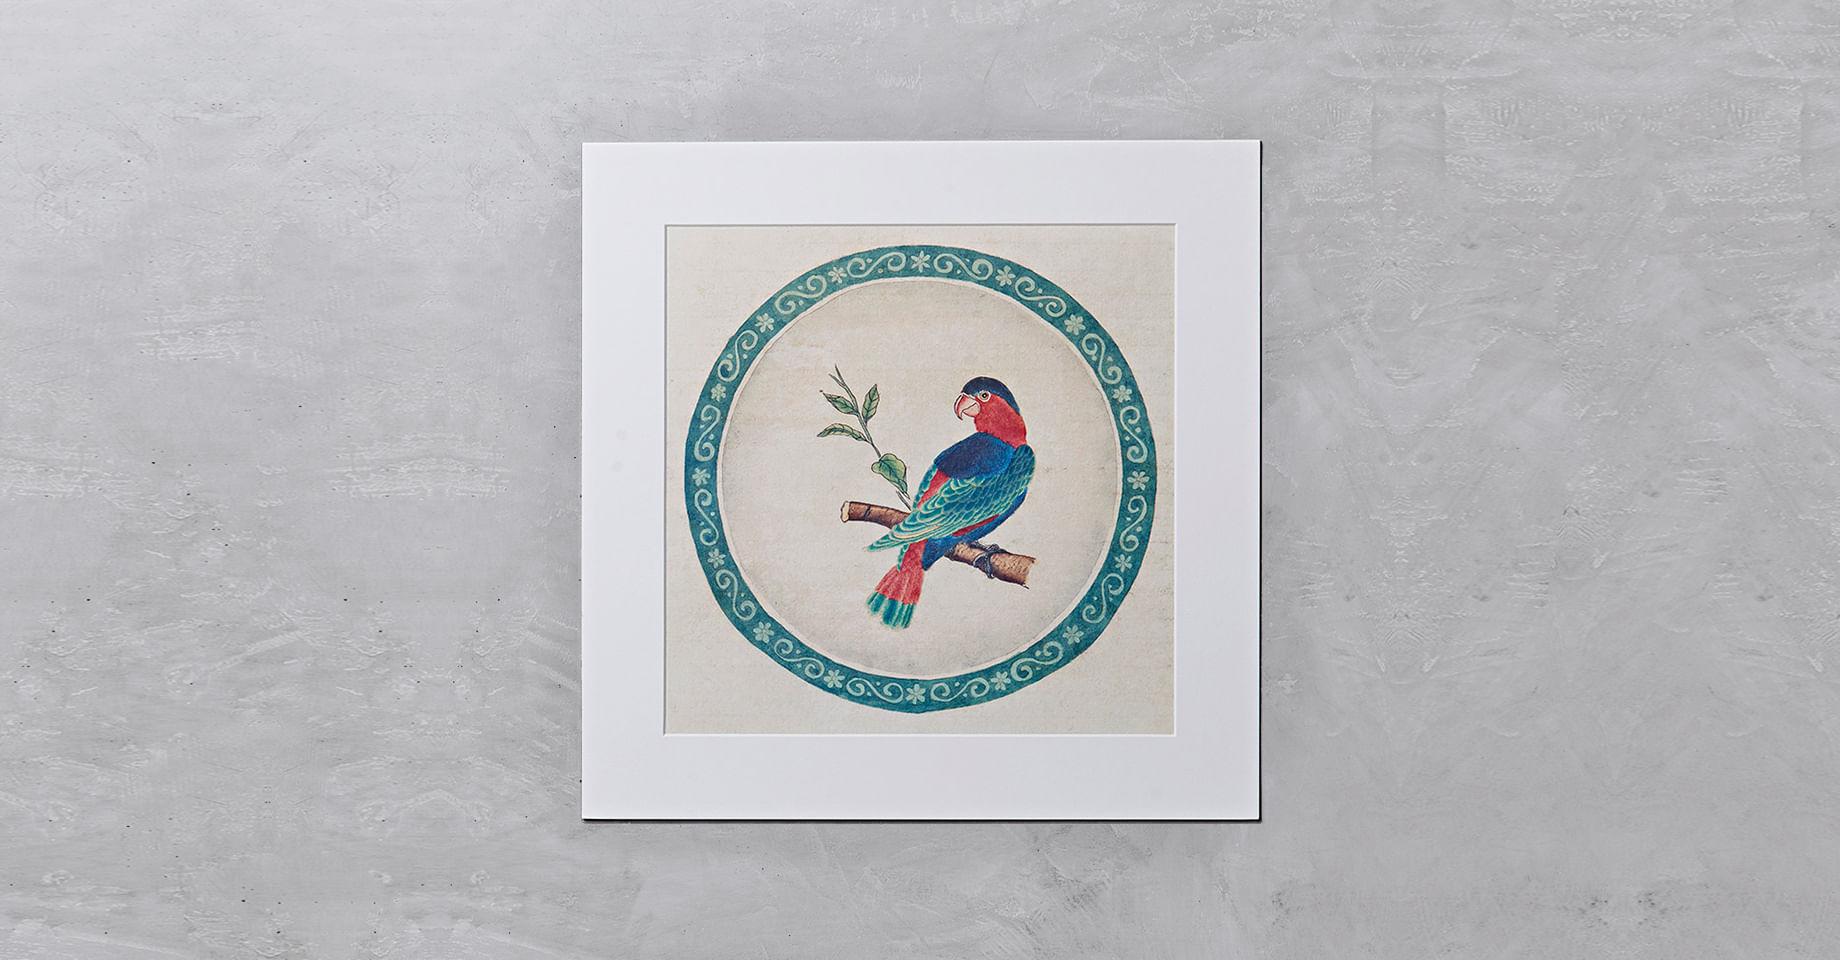 010106056_020_1-GRAVURA-BIRD-4